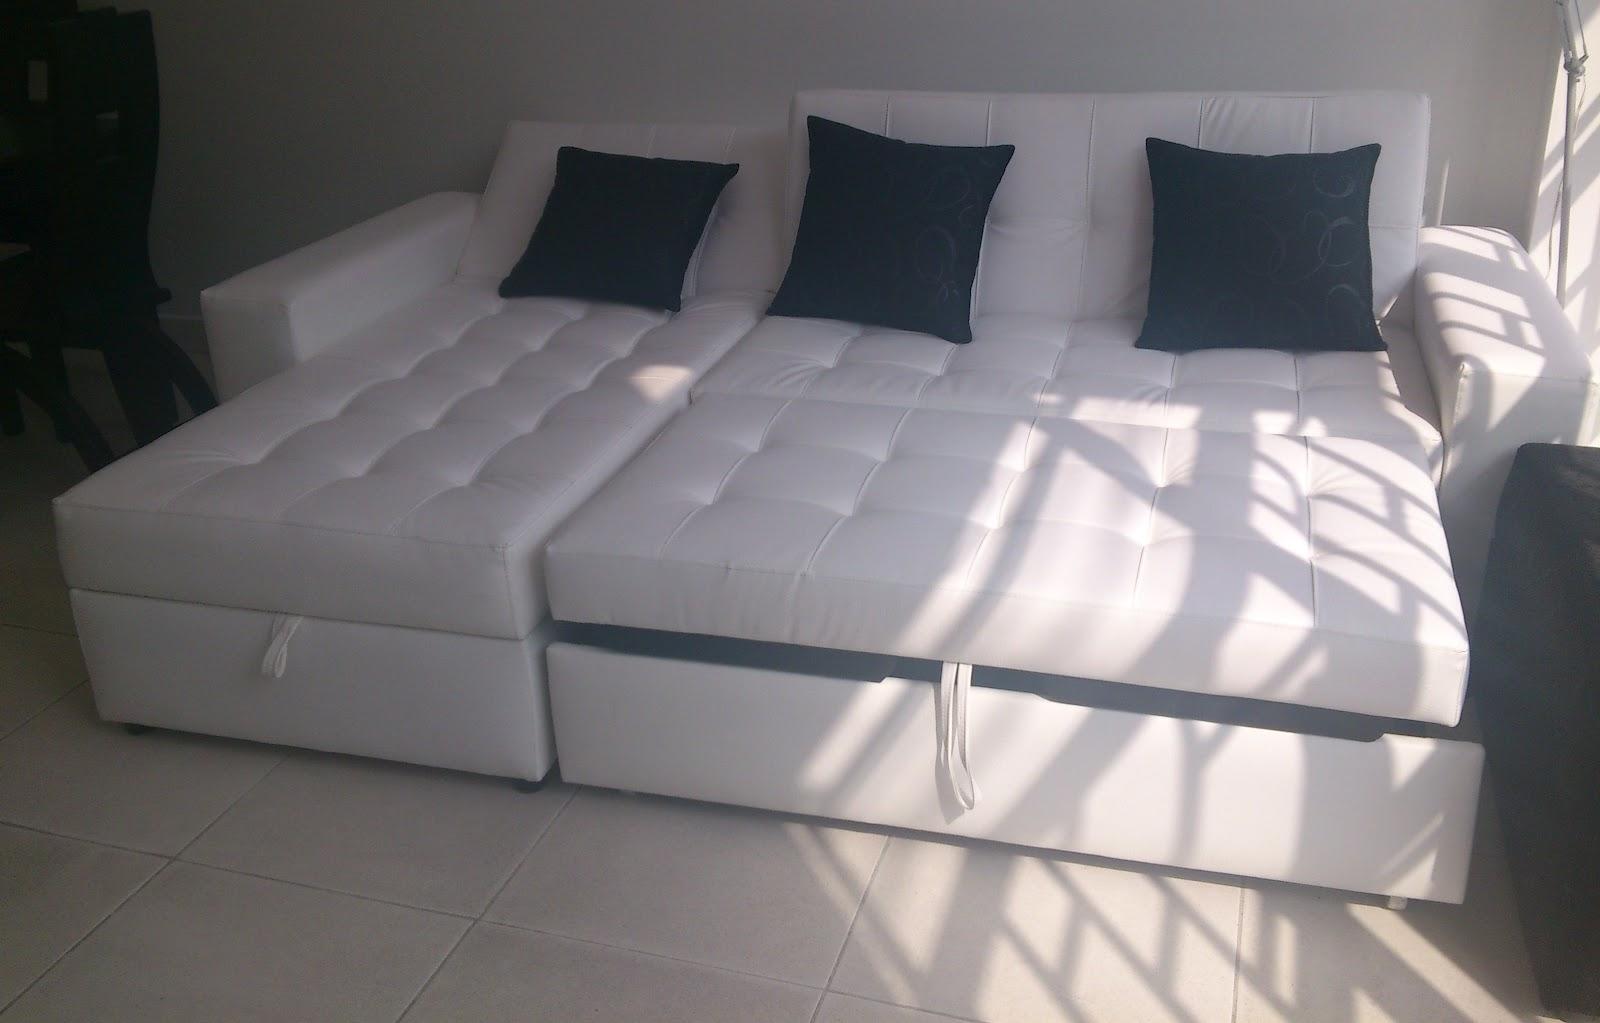 Muebles alkar mueblesalkar for Almacenes de muebles en bogota 12 de octubre